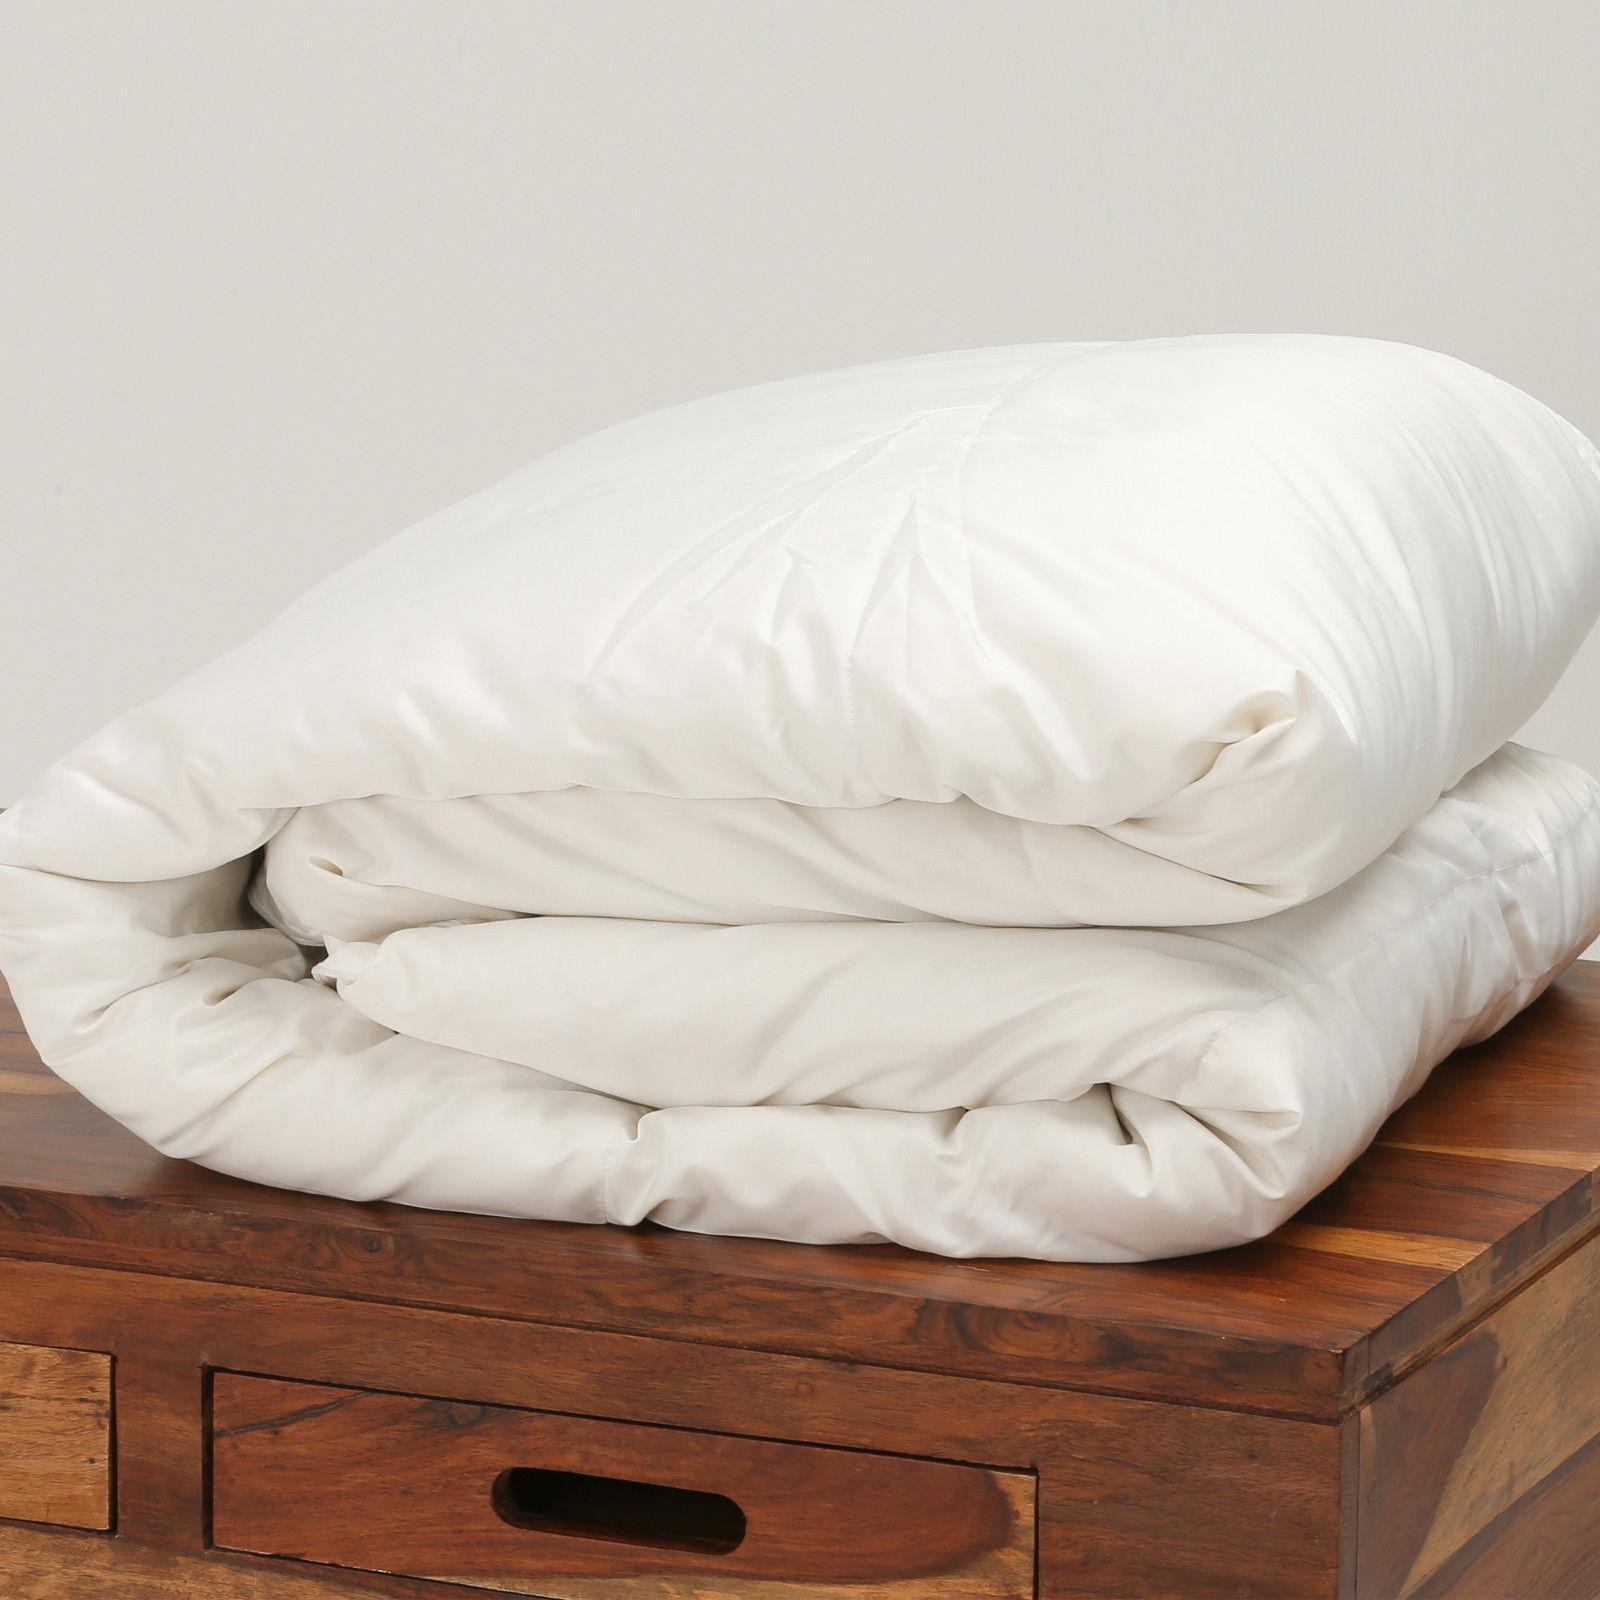 Luxuriös 100% rein kanadisch Gänsedaunen Bettdecke alle Jahreszeiten einzeln